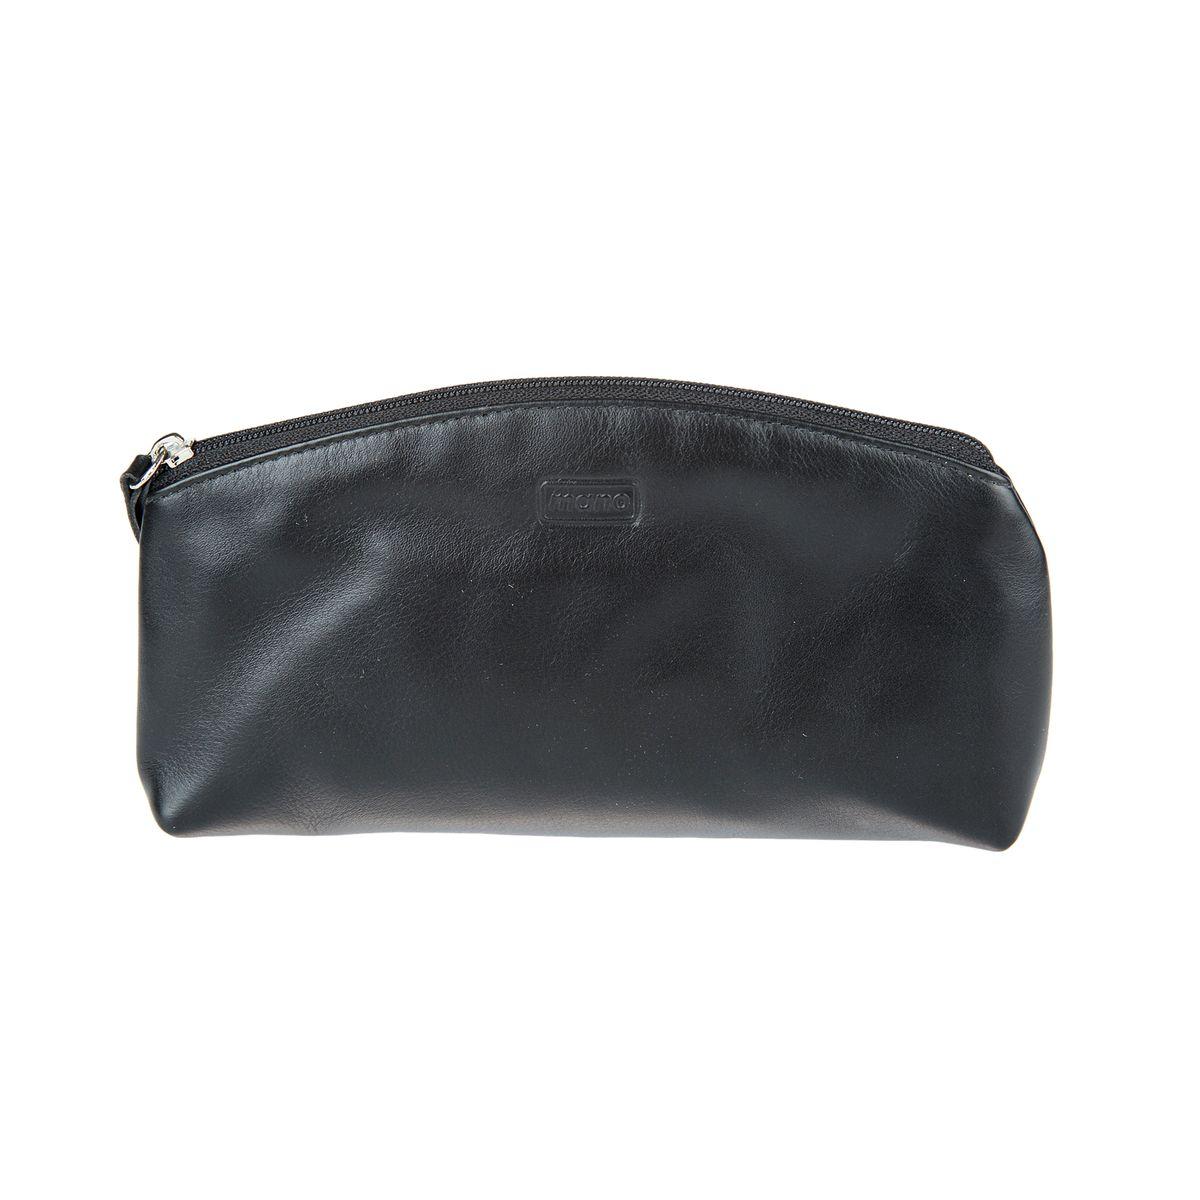 Косметичка женский Mano, цвет: черный. 13412 black13412 blackзакрывается на молнию внутри один большой отдел для косметики